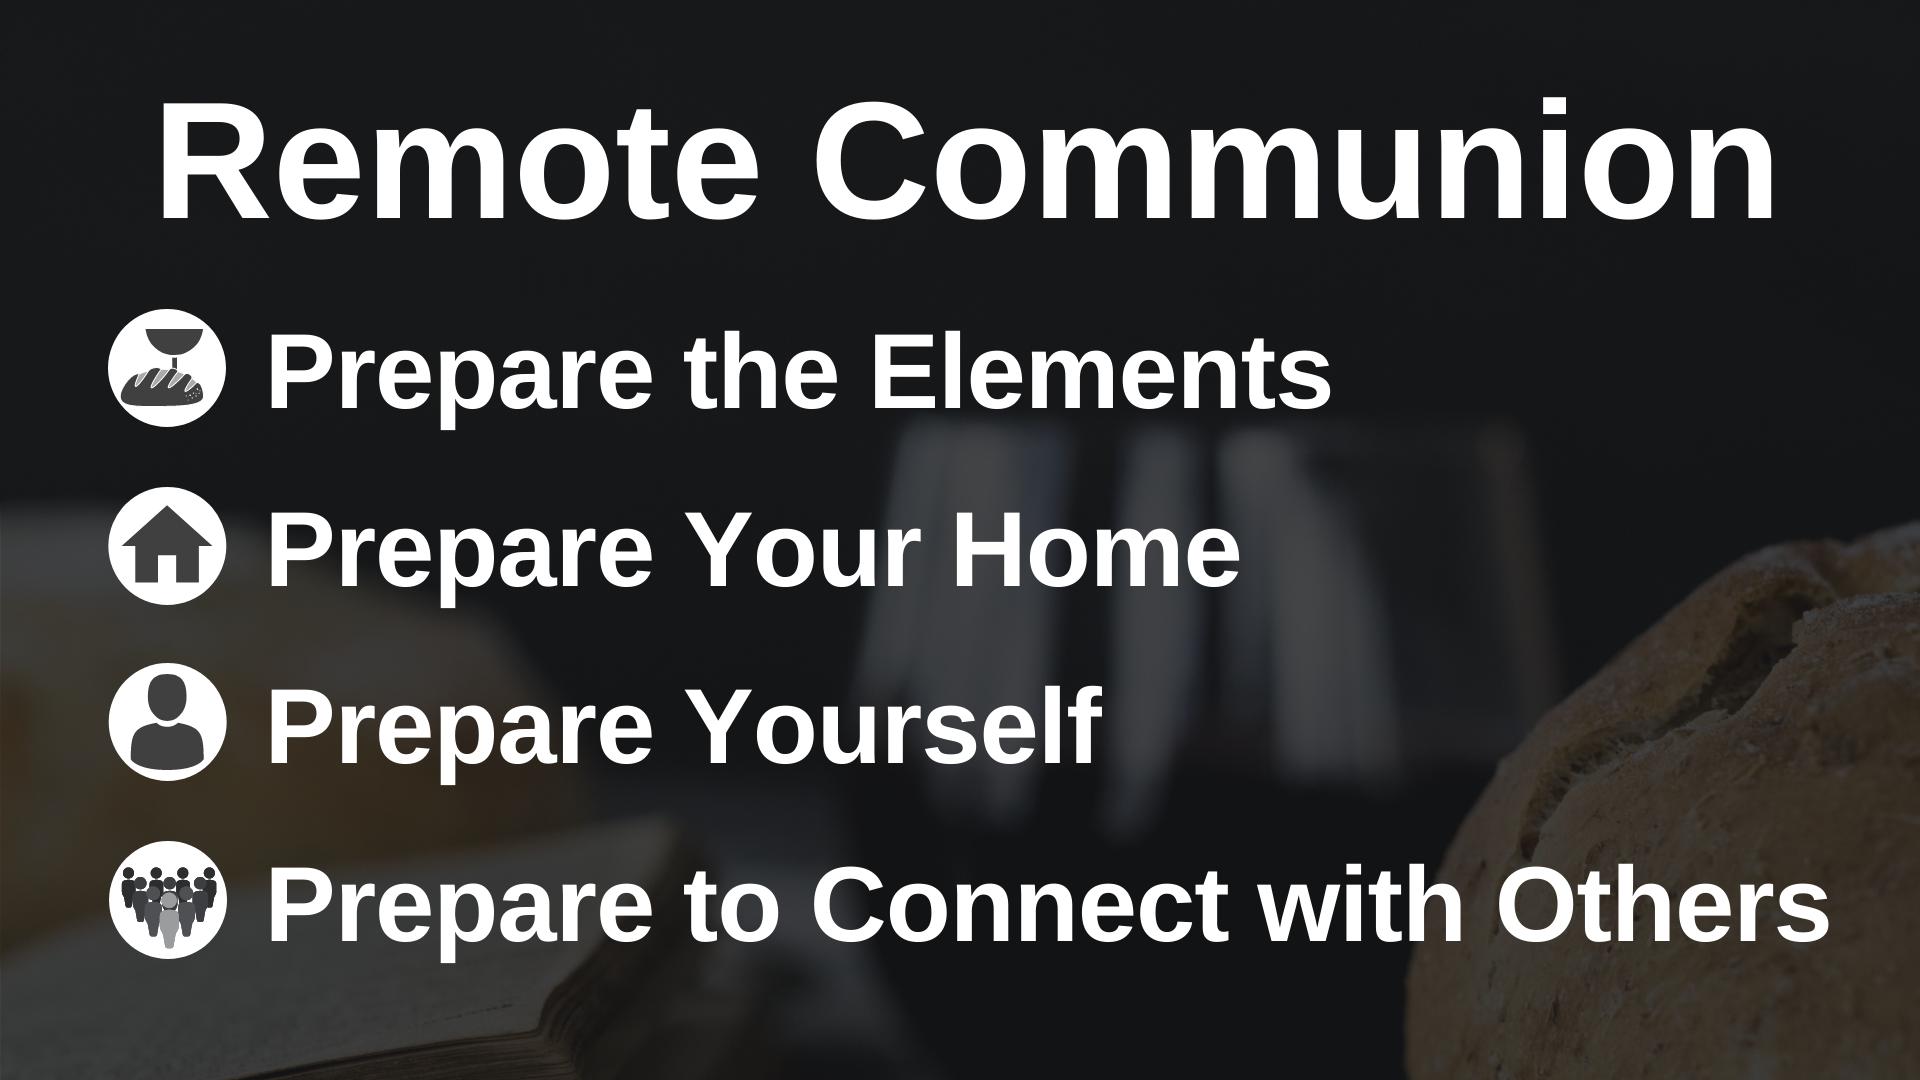 Remote Communion 16 9